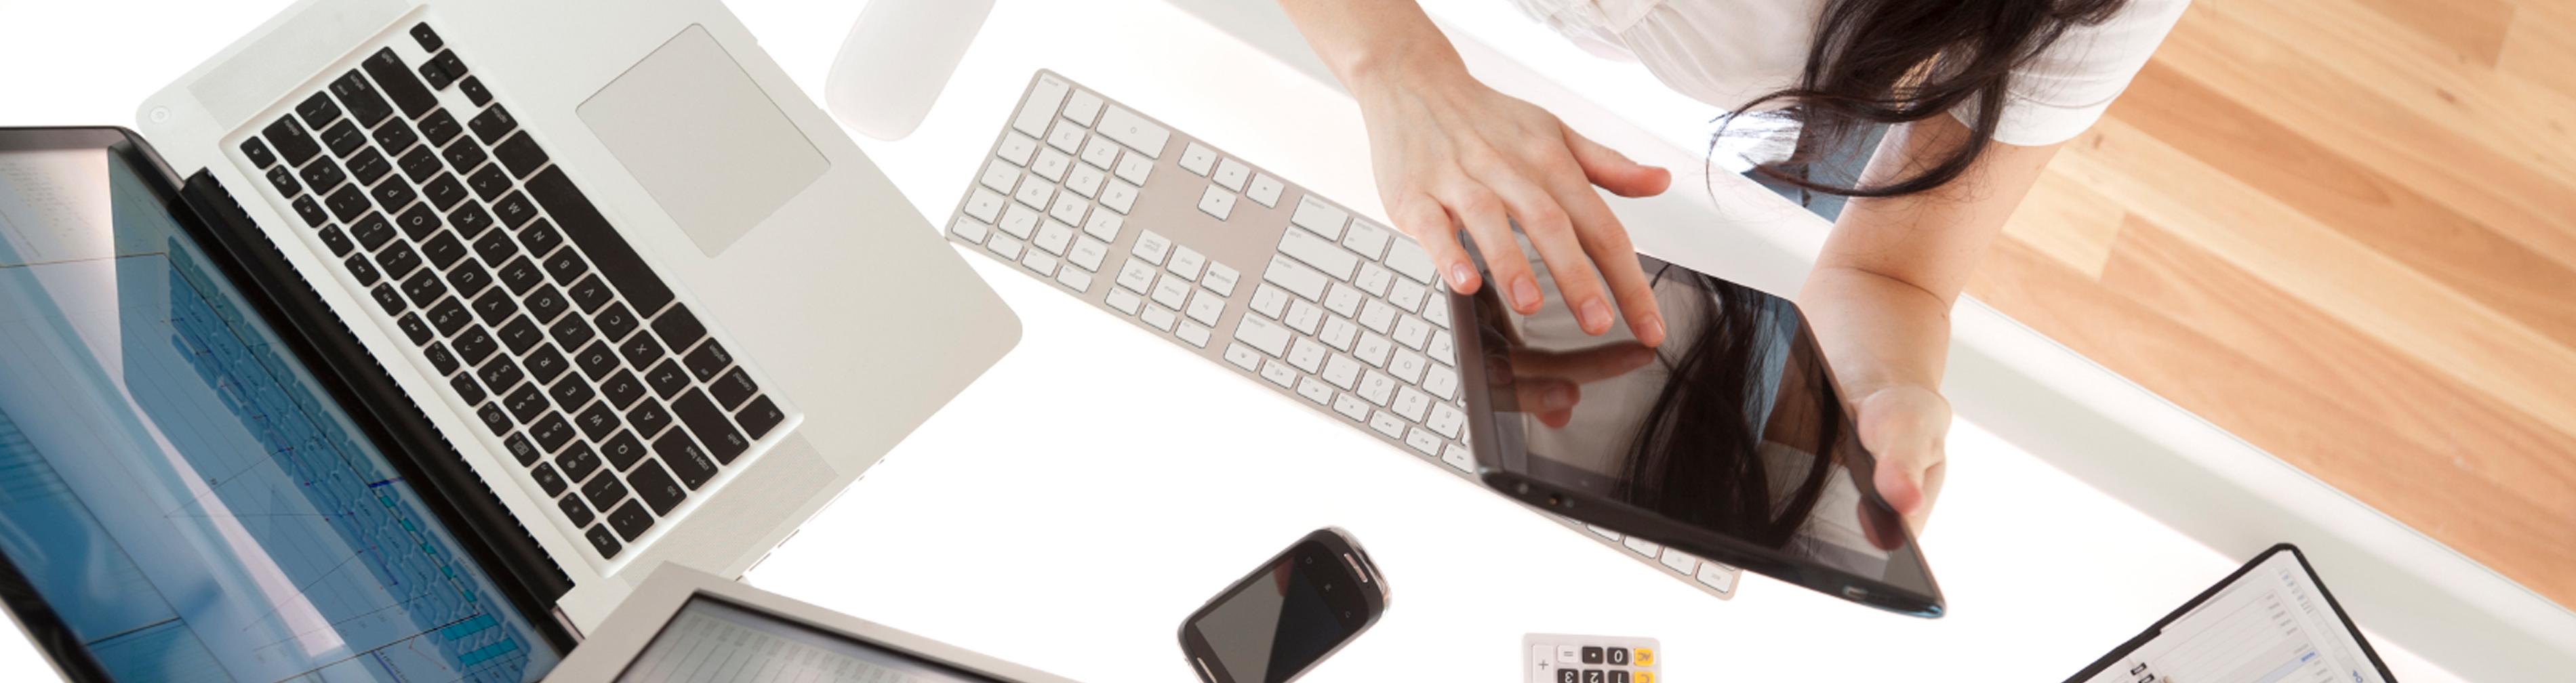 Akute Probleme erfolgreich mit kurzfristiger Arbeitsplatzverlagerung überbrücken